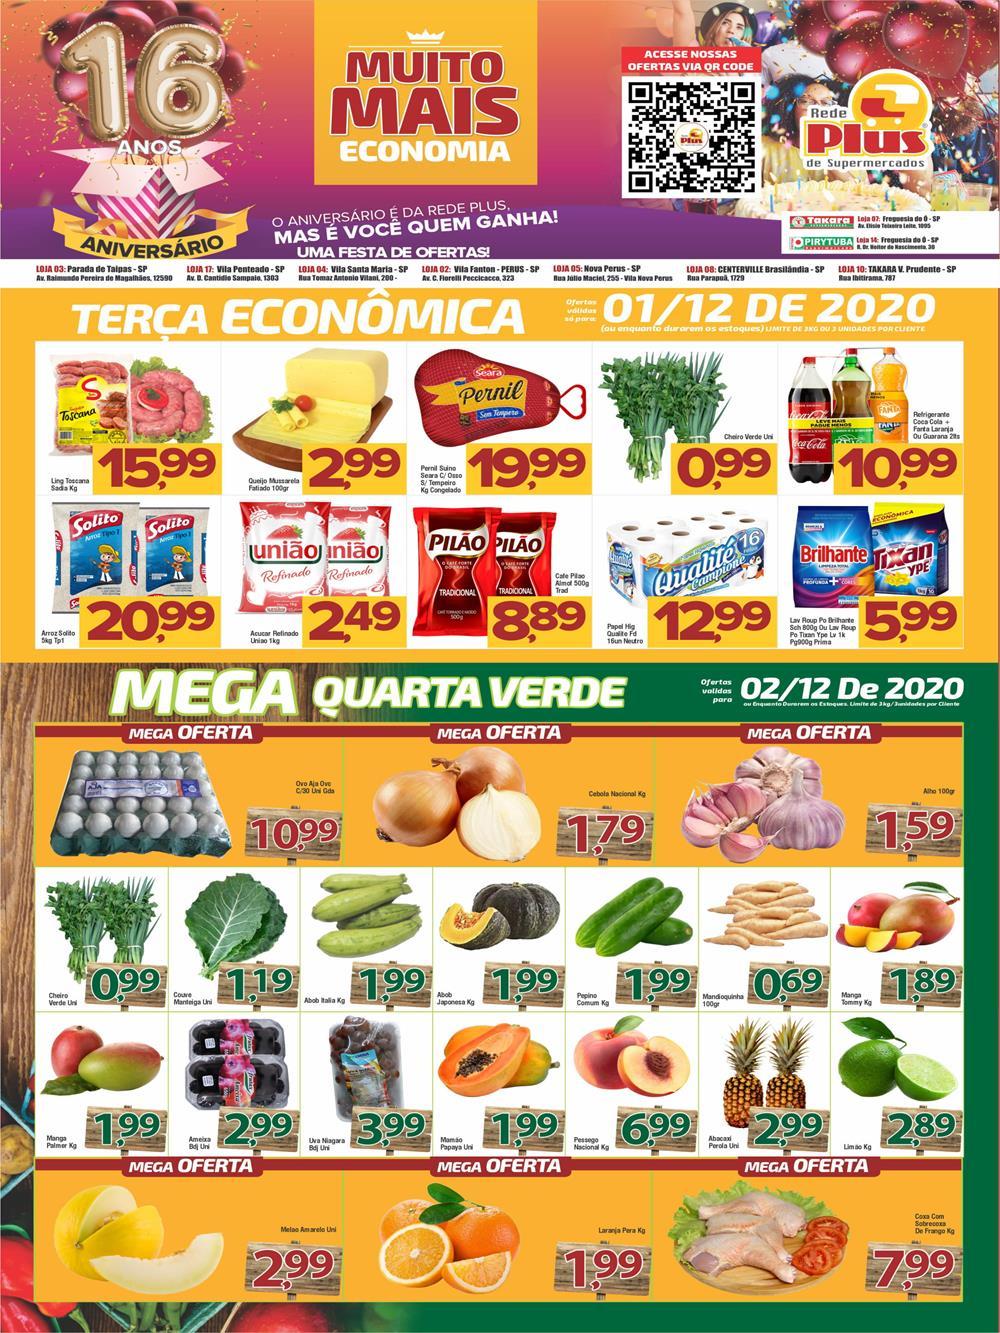 redeplustakara-ofertas-descontos-hoje1-25 Black Friday Ofertas de supermercados